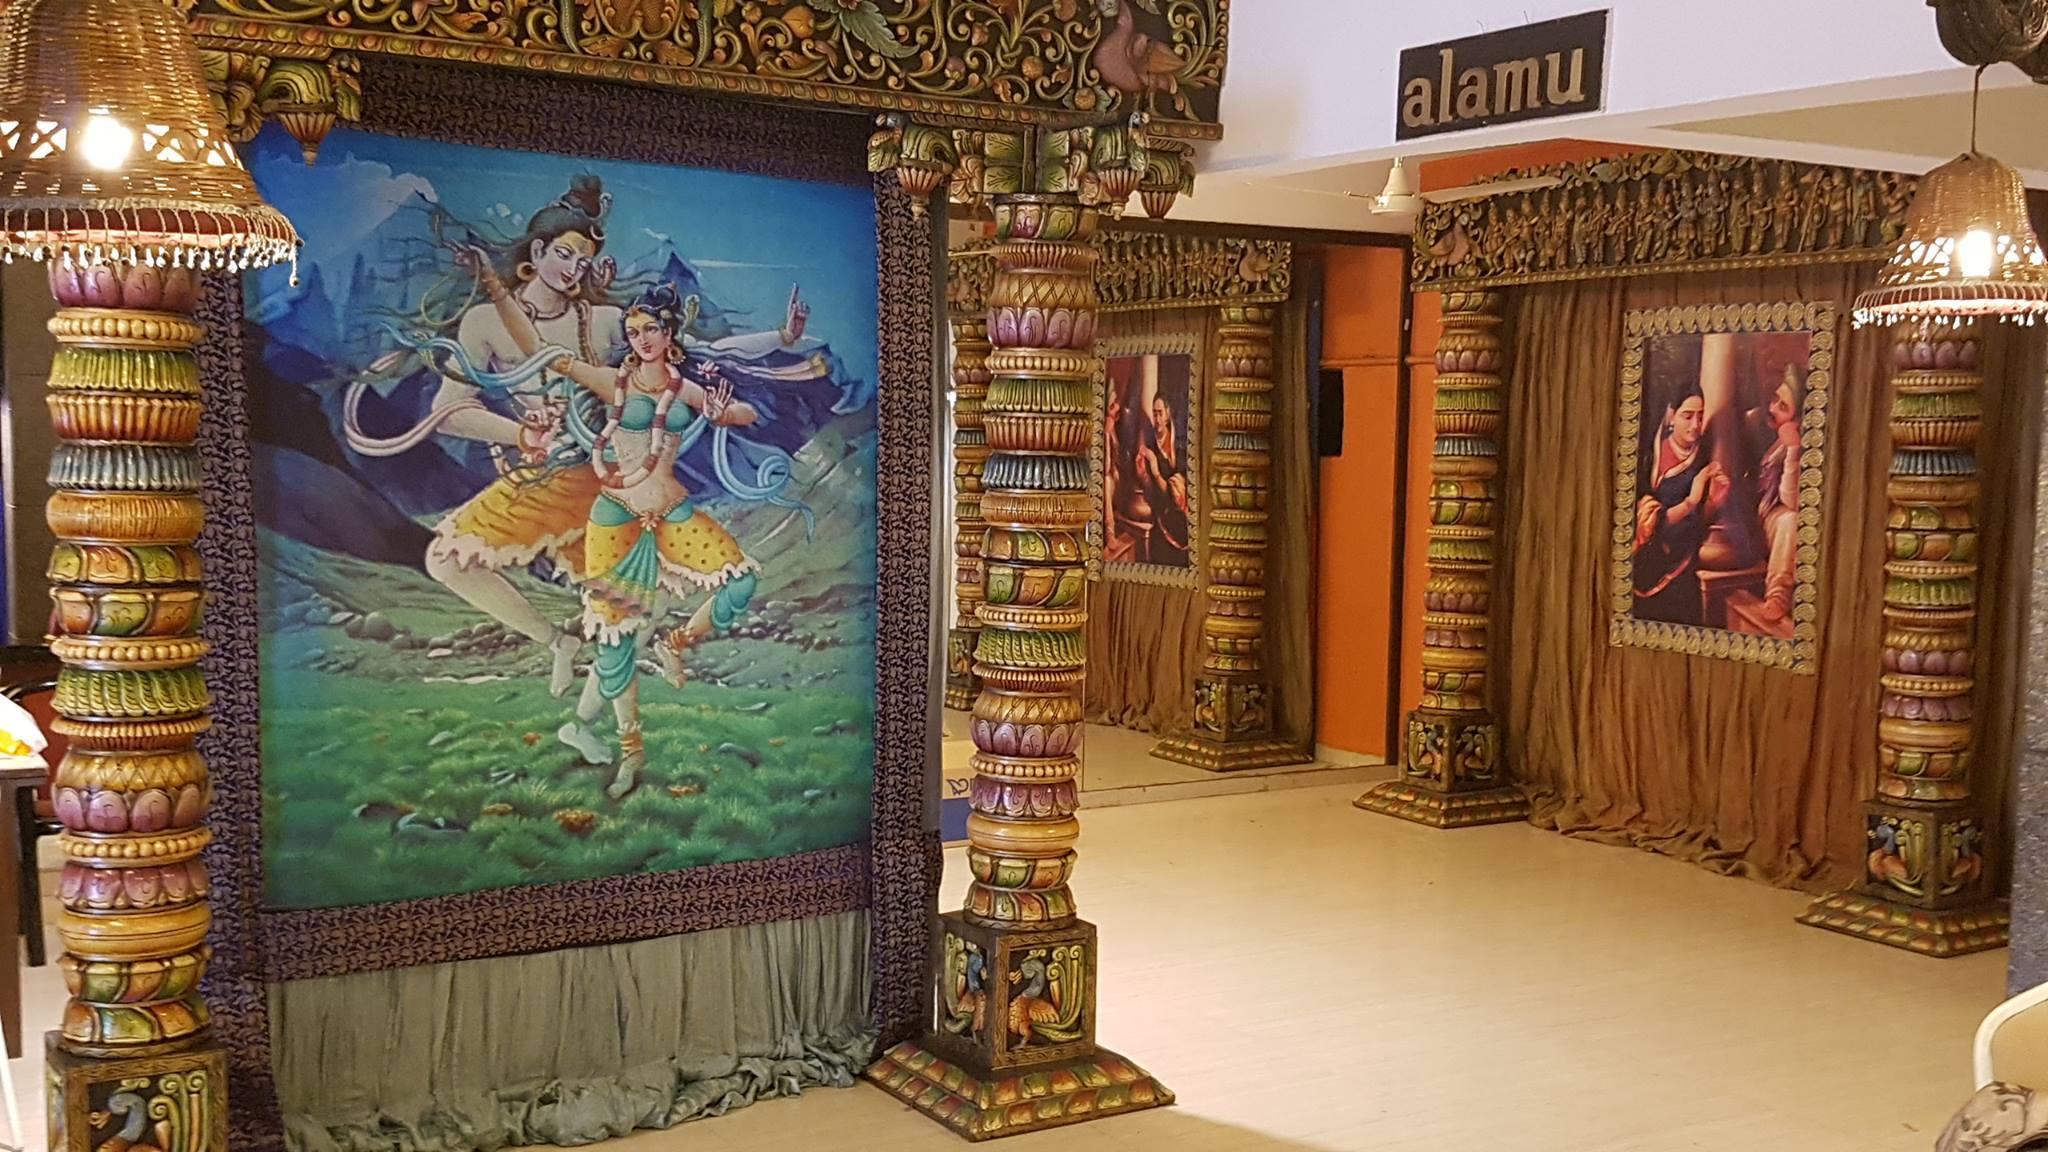 alamu Hall ShivaParvati.jpg